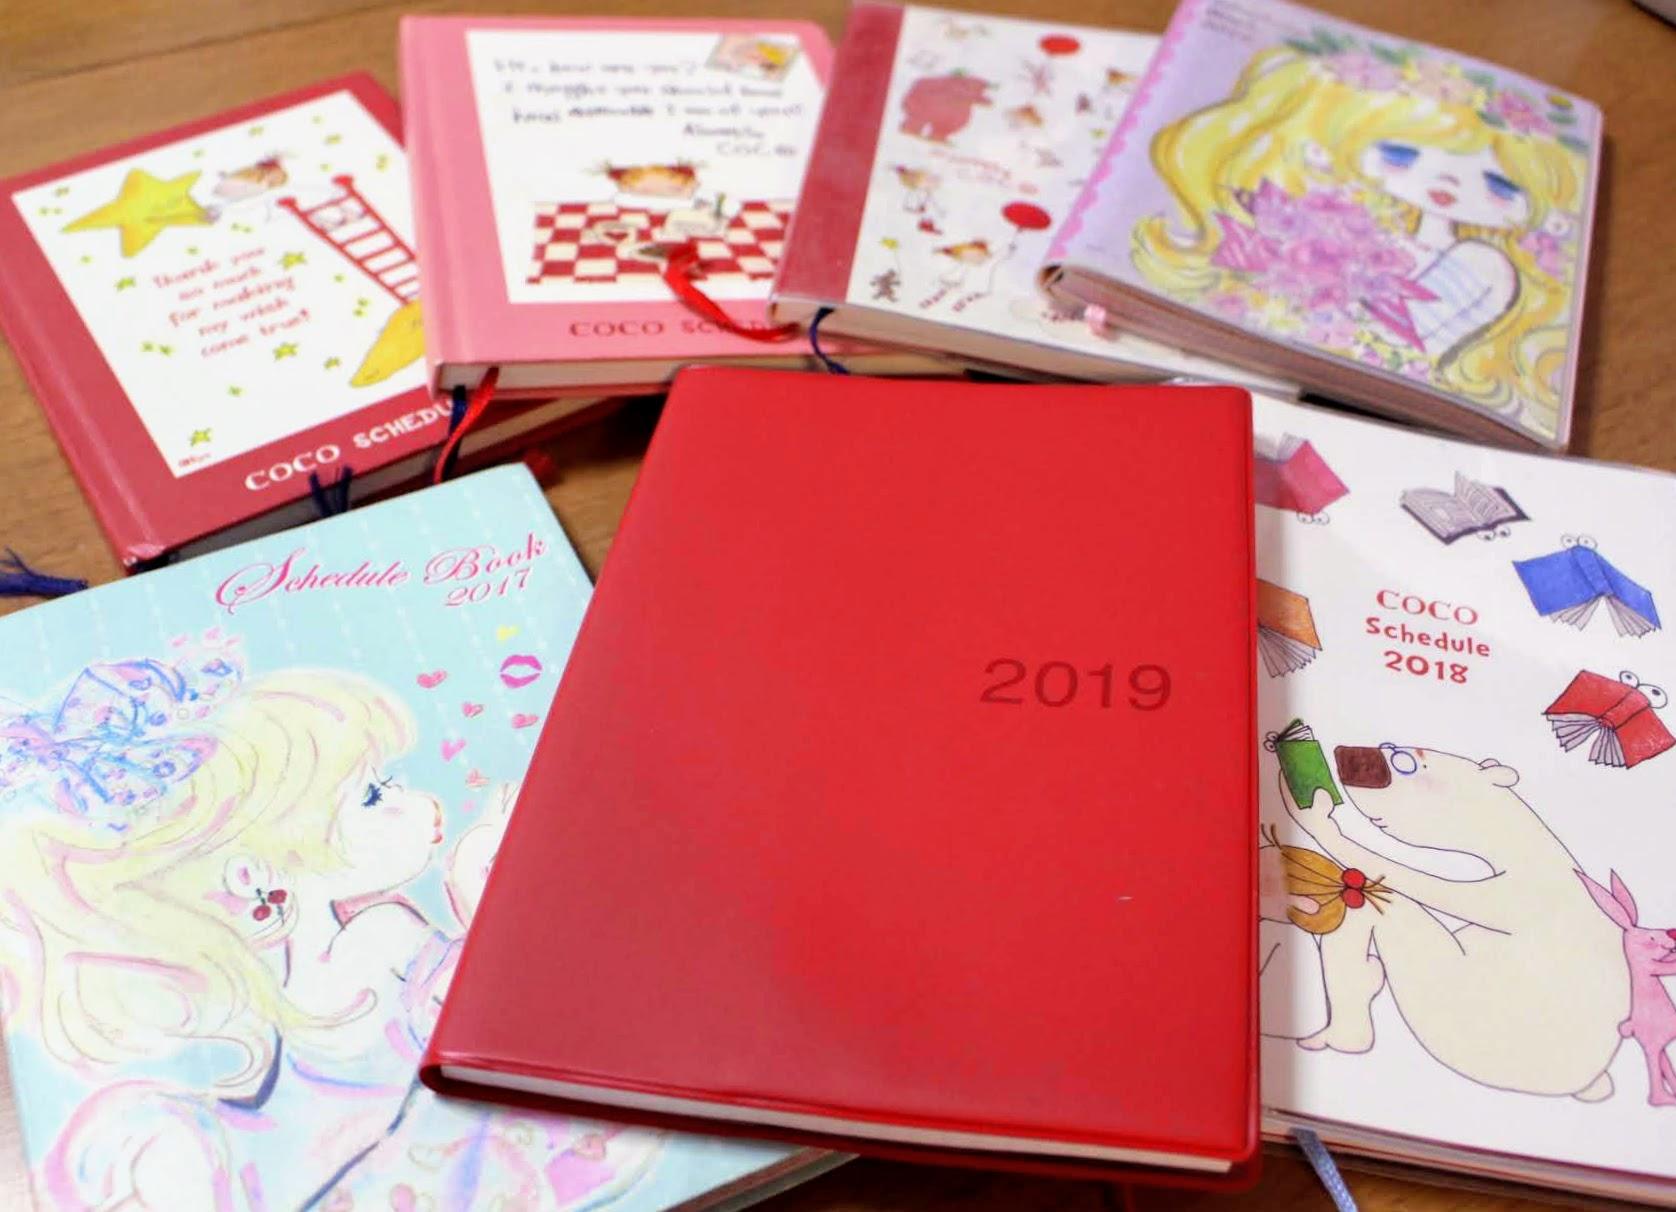 真っ赤な手帳で、気持ちも新たに2019年に向けて。